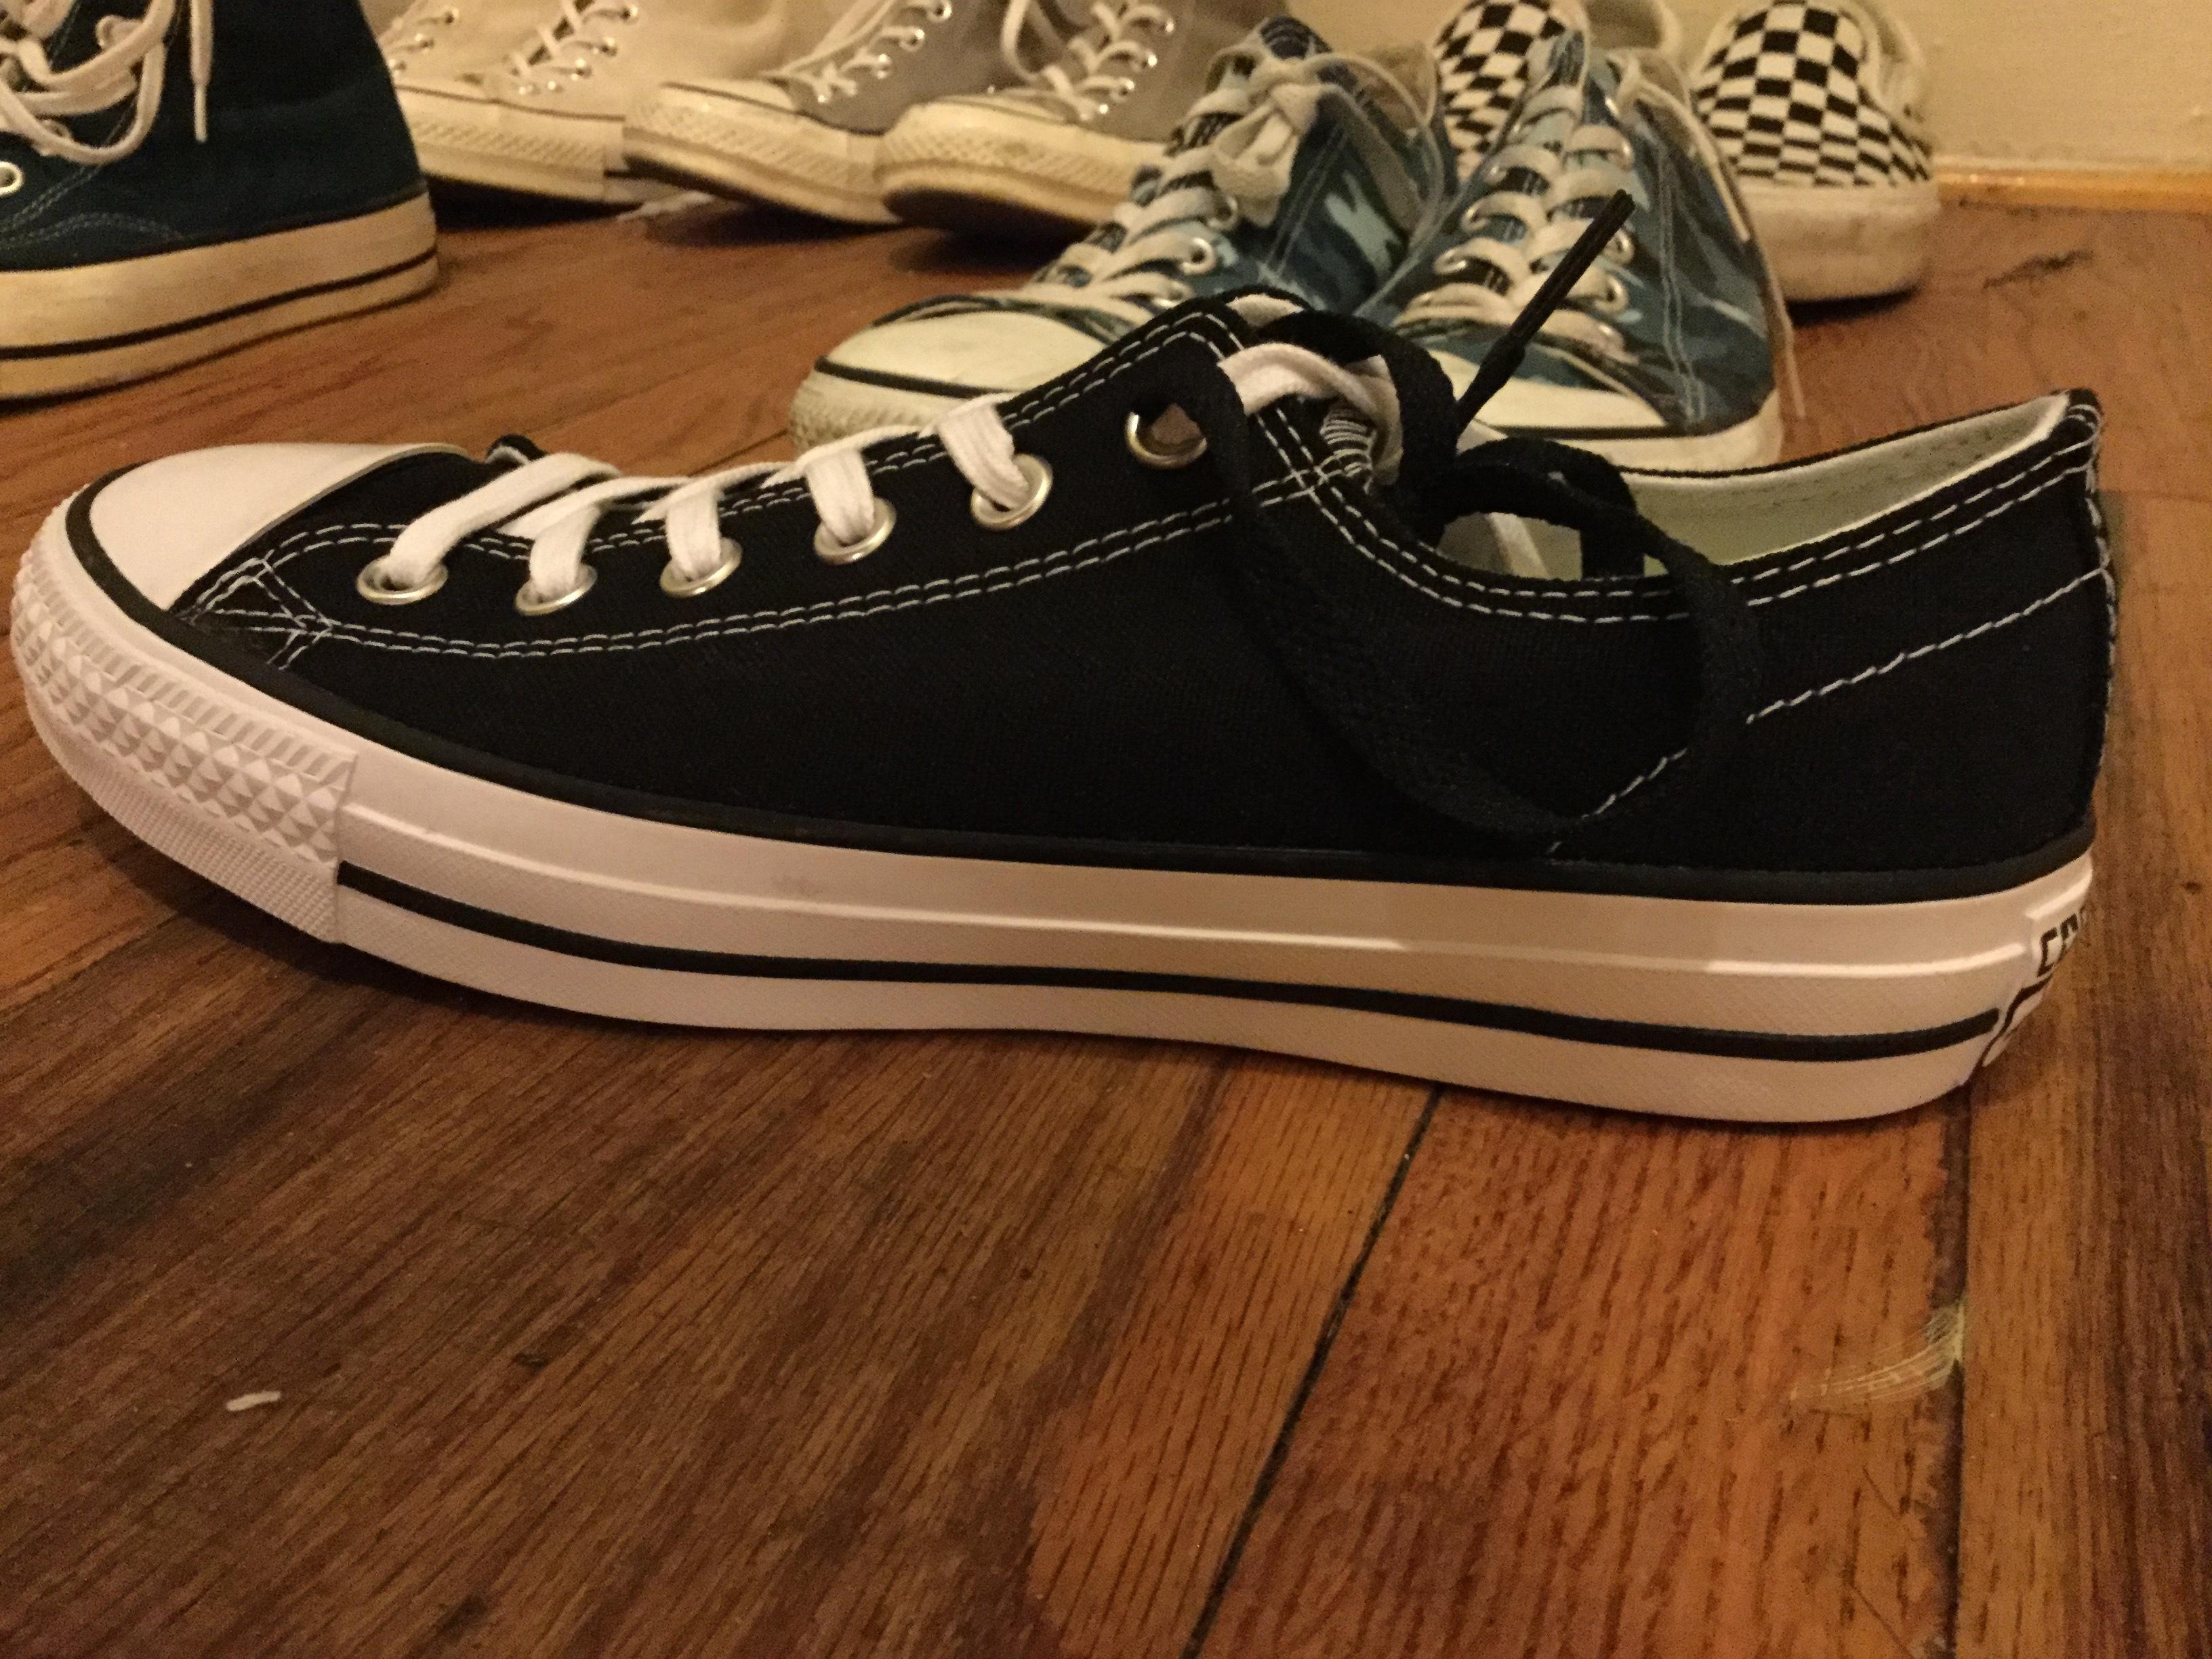 Converse Cons Black Cats